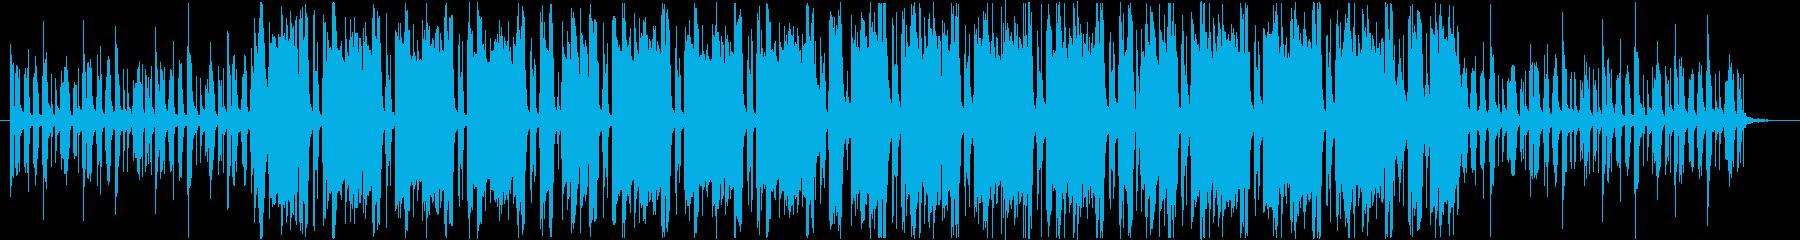 オシャレ・ブラスを使ったハウス・ループの再生済みの波形